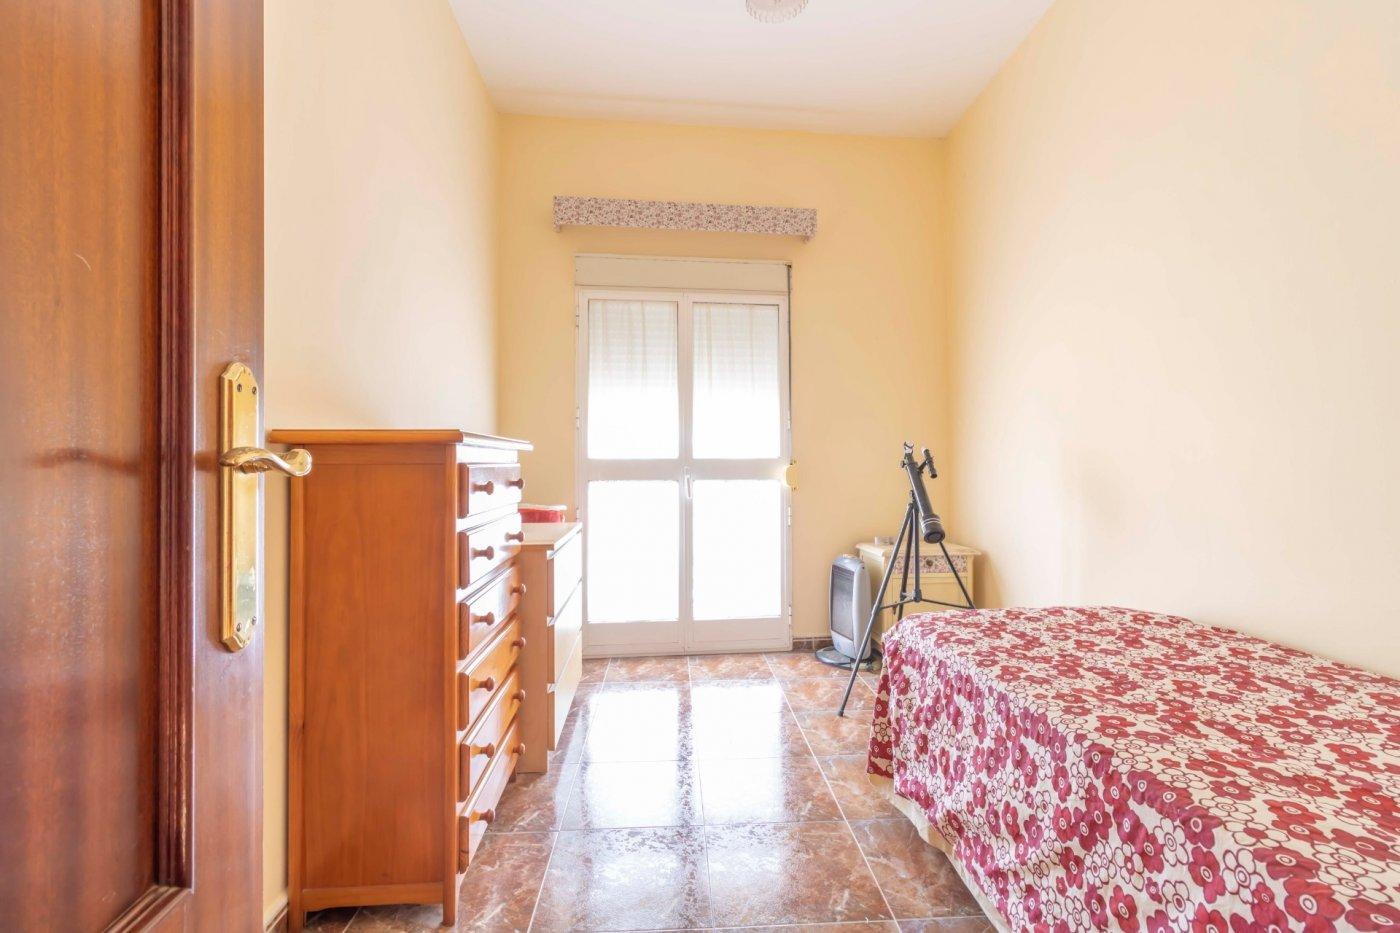 Casa a la venta en salteras - imagenInmueble35